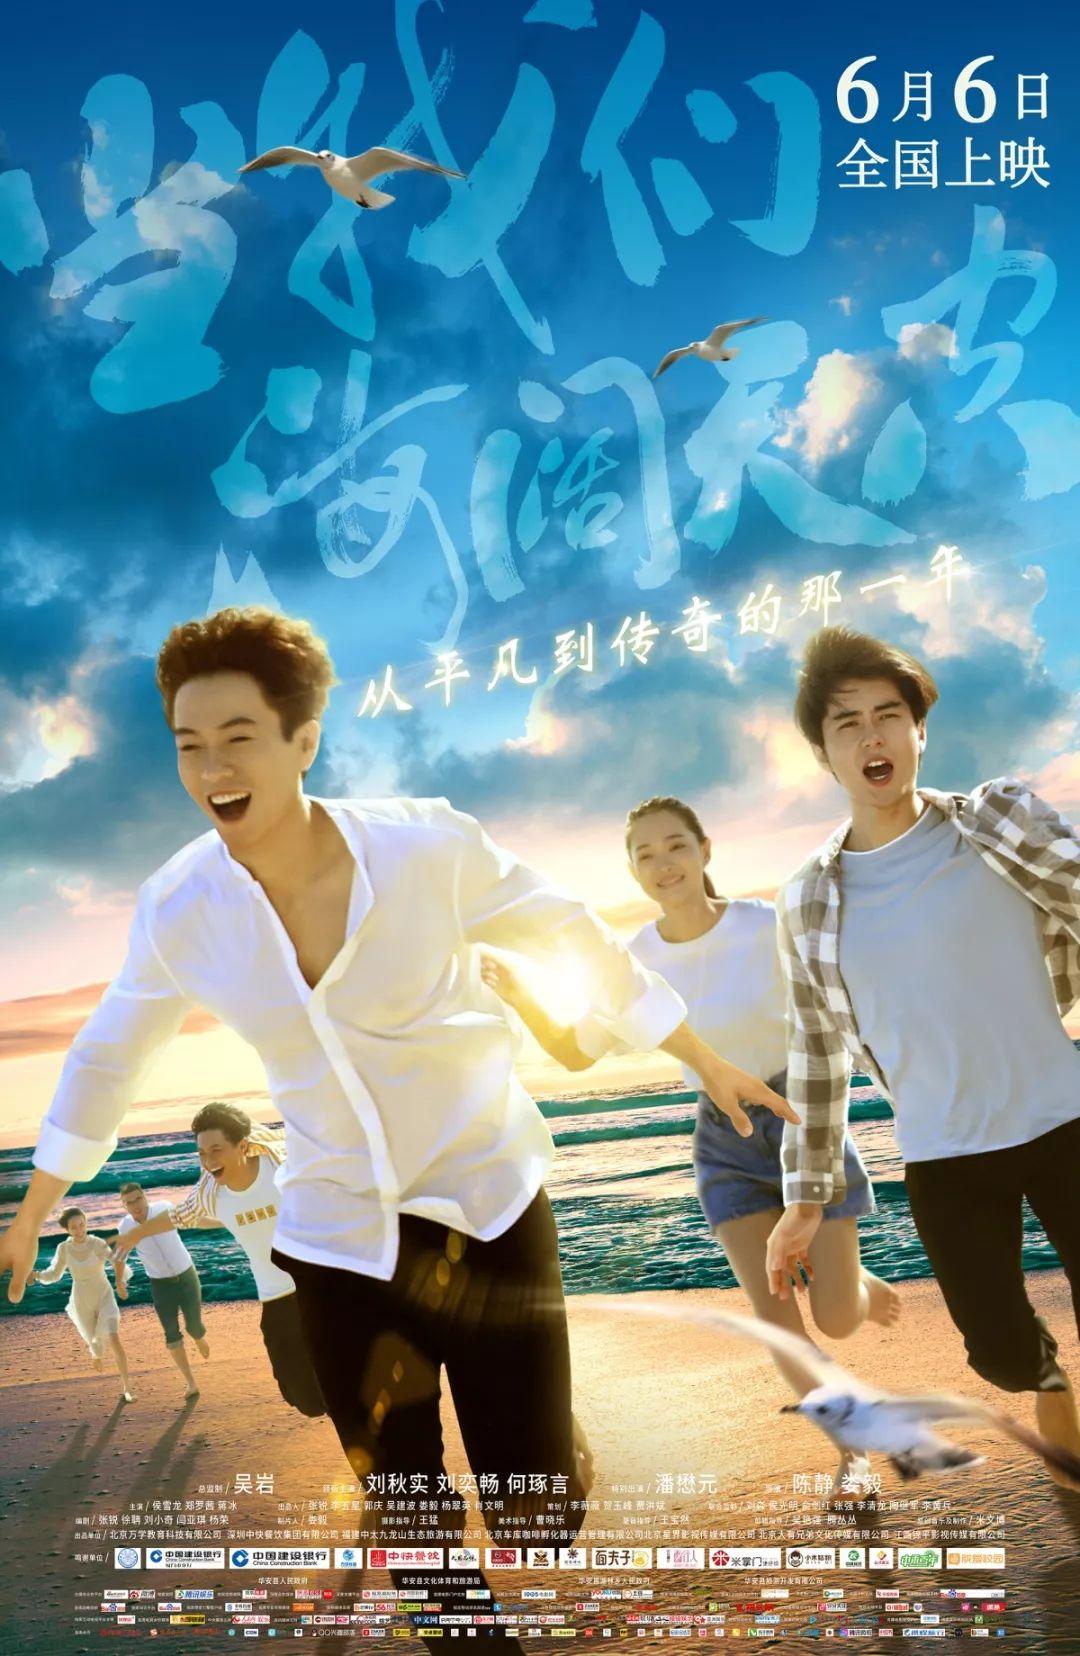 青春励志电影《当我们在天空宽广》正式定型,韩腾汽车携手演绎奋斗故事!